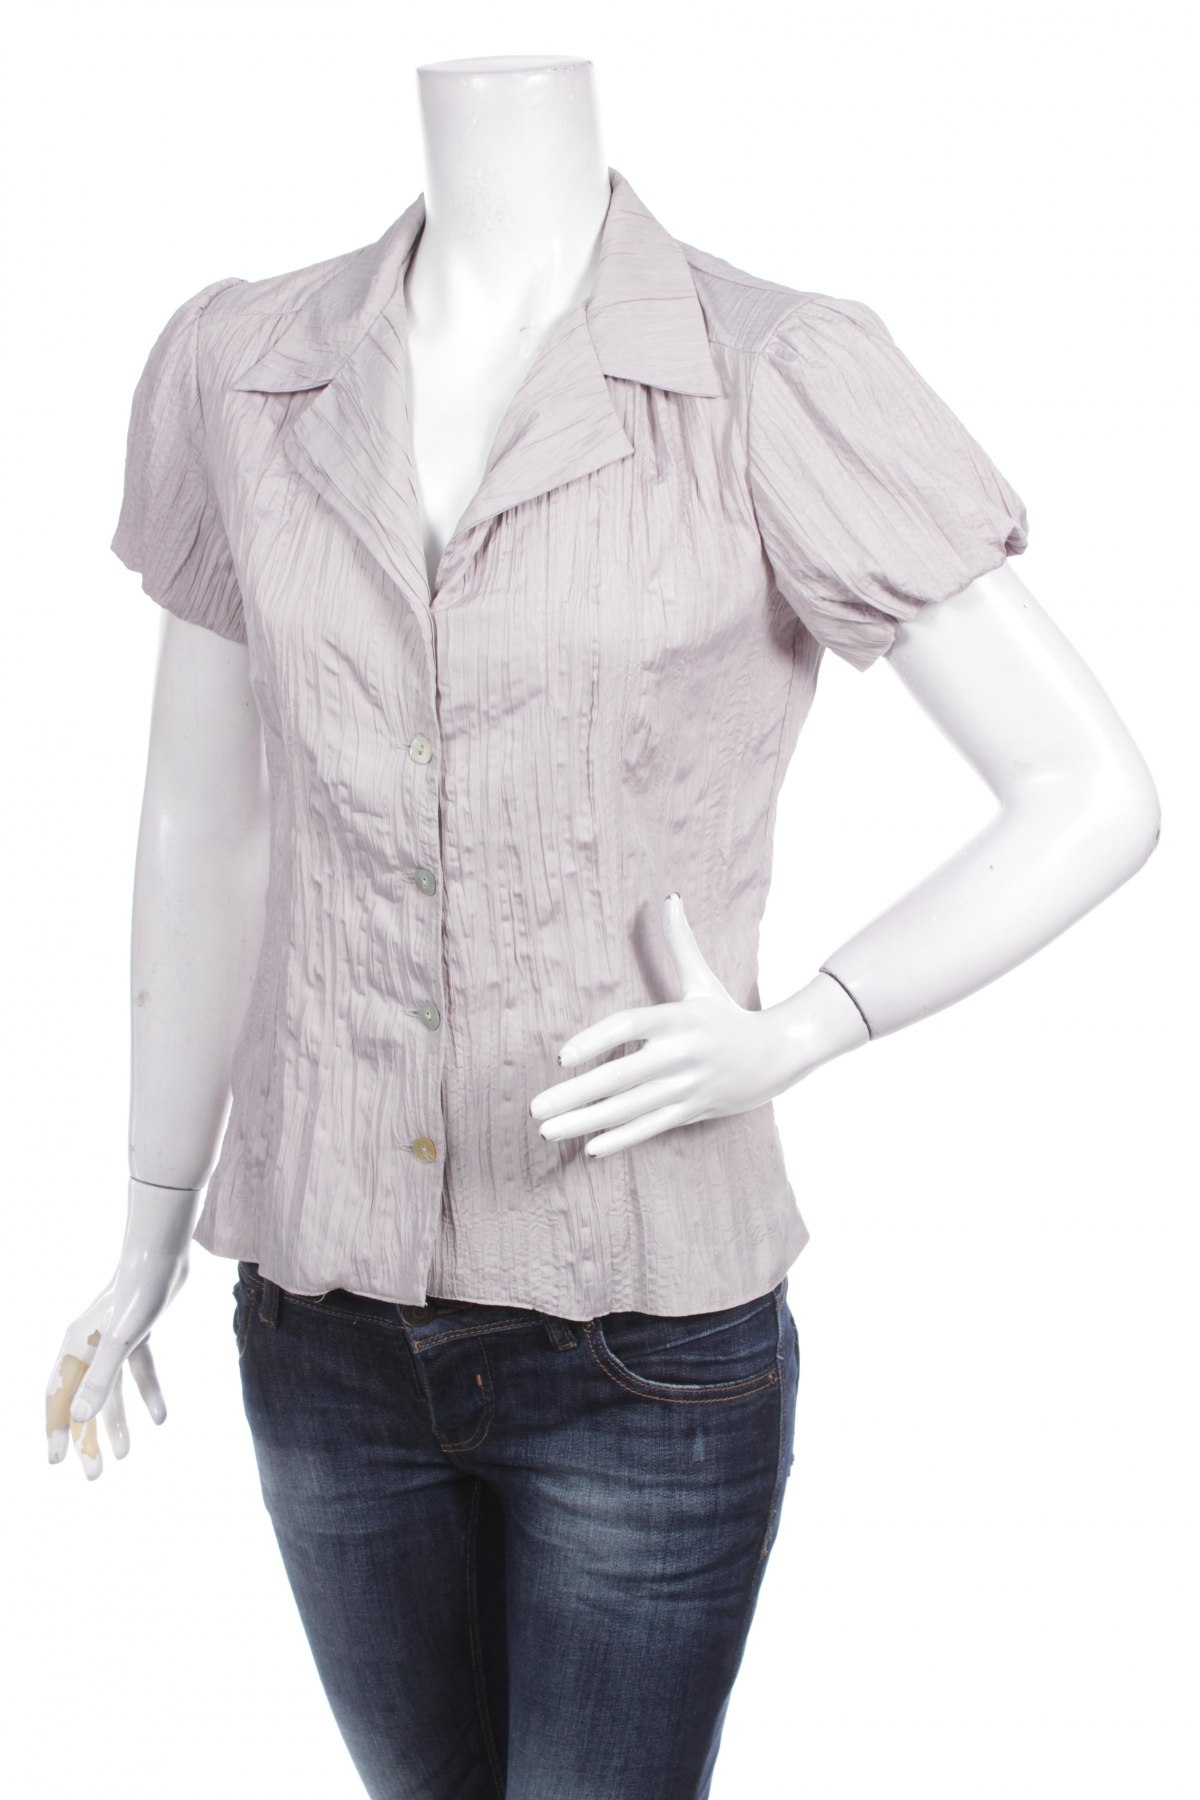 Γυναικείο πουκάμισο Helena Bedrnova, Μέγεθος M, Χρώμα Γκρί, Πολυεστέρας, Τιμή 9,28€